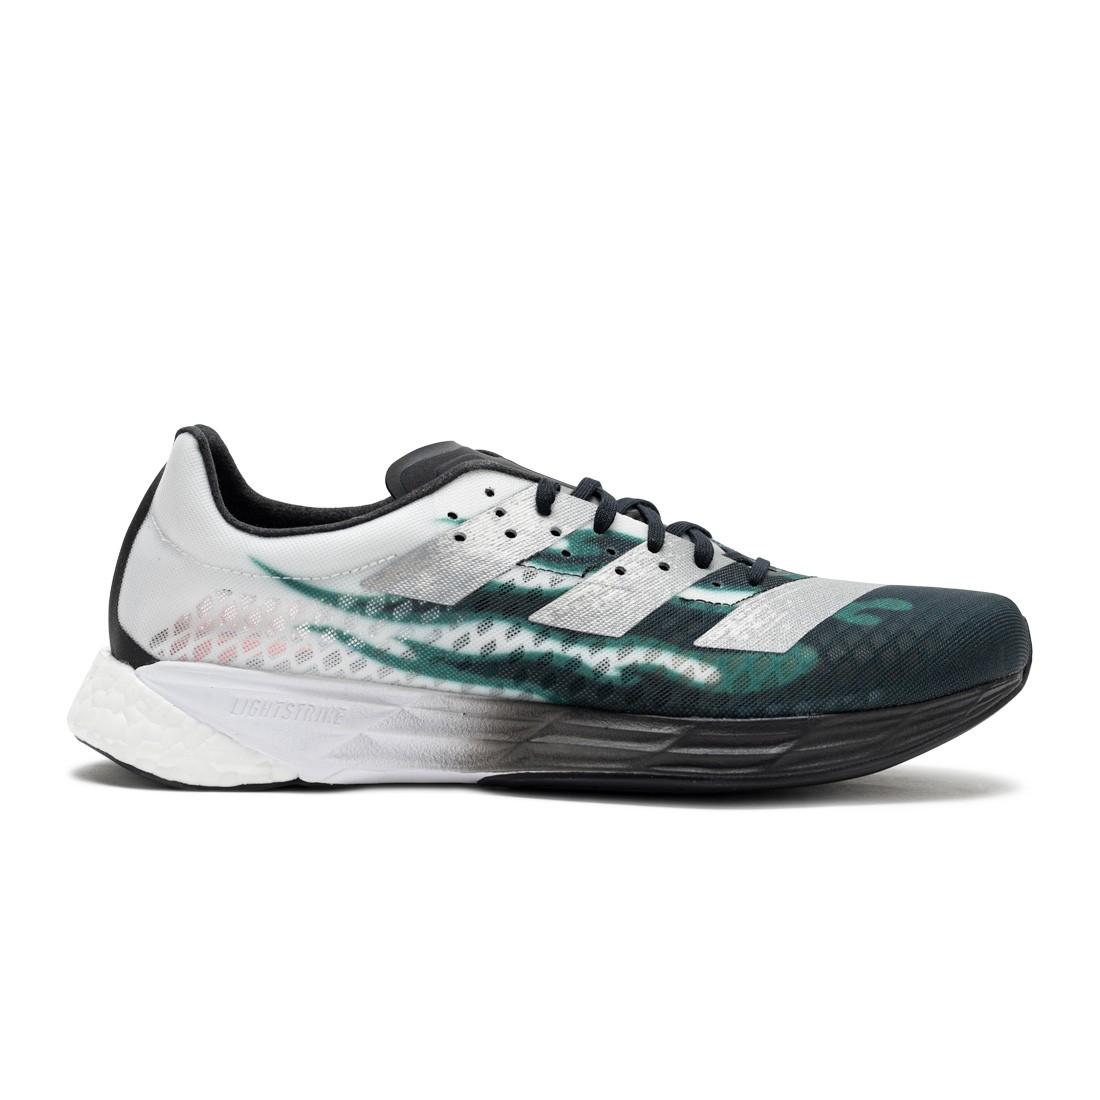 Adidas Men Adizero Pro Boston Marathon (white / silver metallic / eqt green)